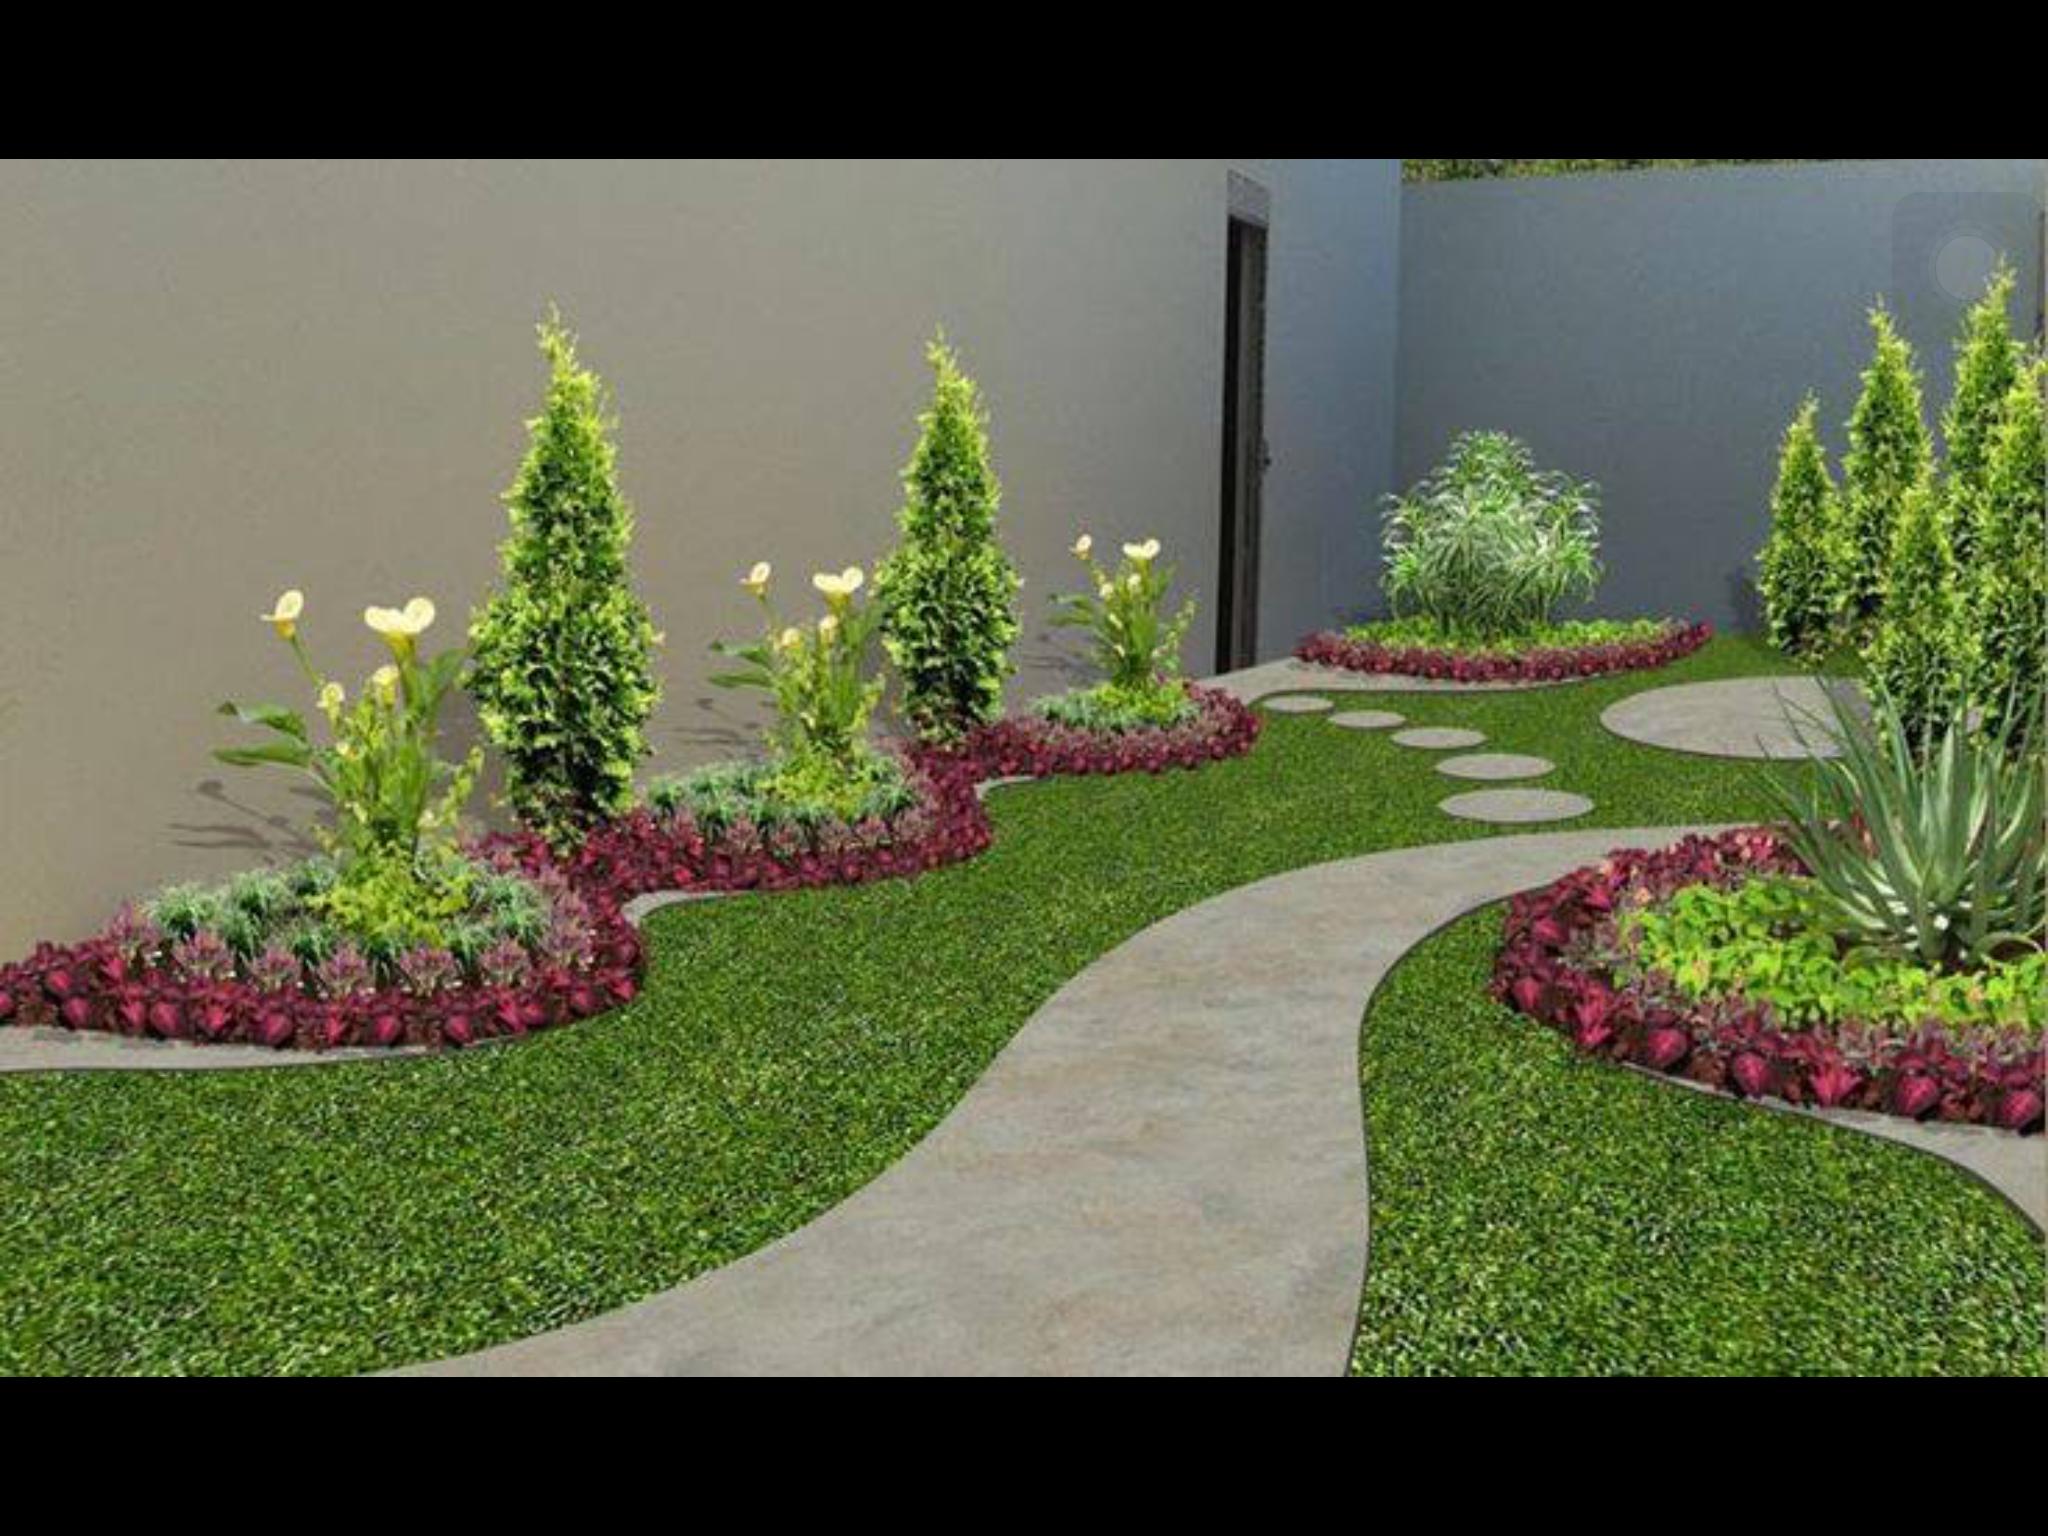 Pin de olga cerda en terrazas dise o de jardin jardiner a y decoraciones de jard n - Disenos de jardineria ...